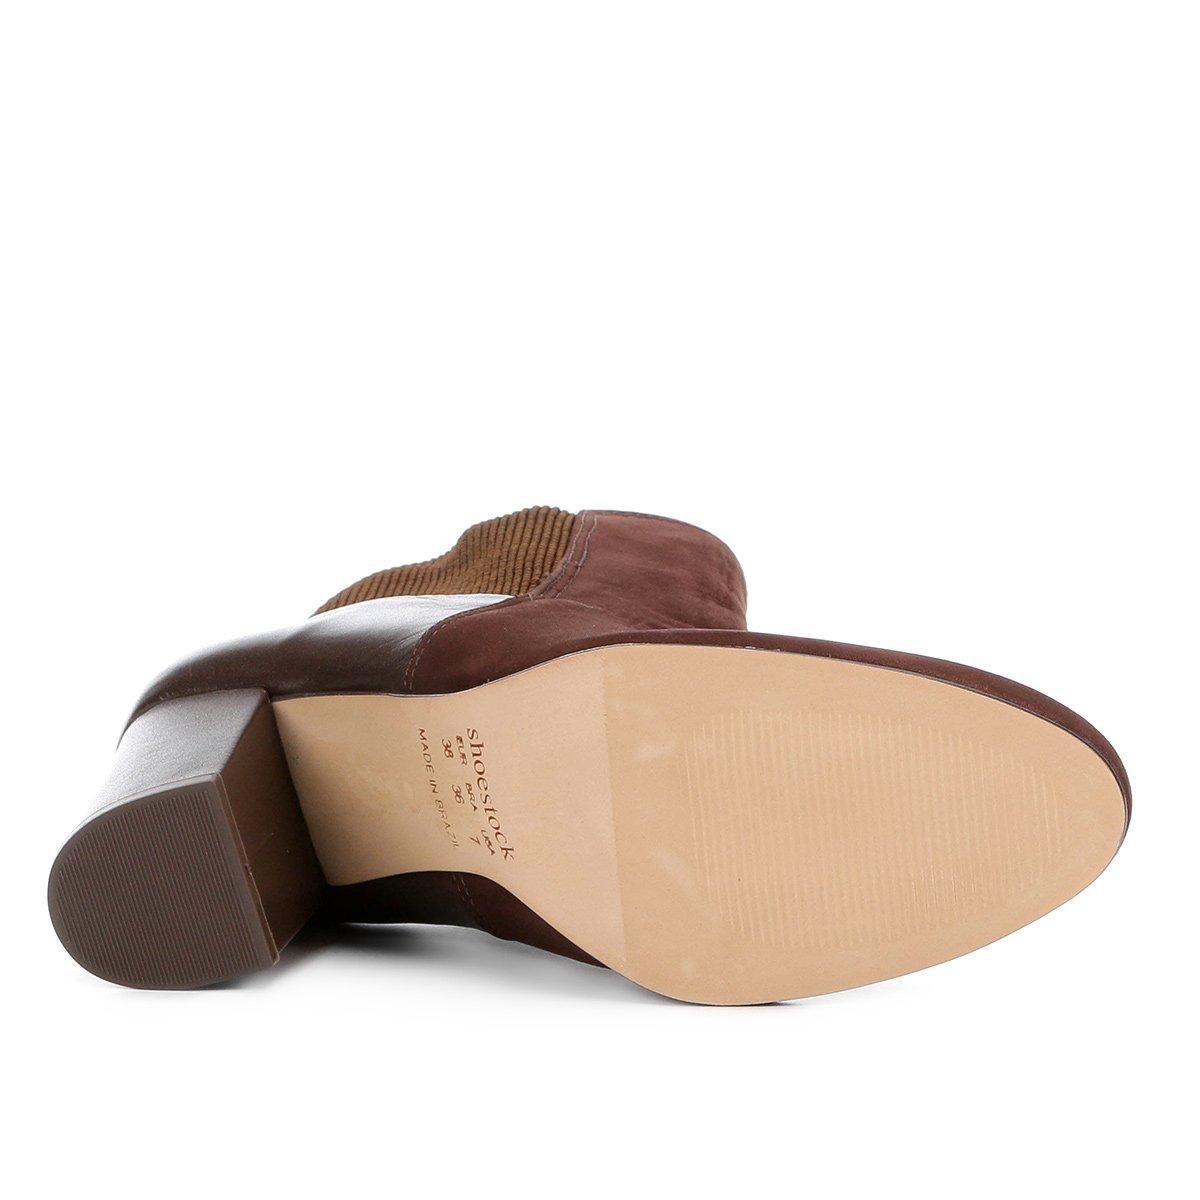 Bota Feminina Cano Feminina Salto Shoestock Curto Bota Grosso Shoestock Salto Café Cano Café Couro Couro Curto Bota Grosso HqAHRxran